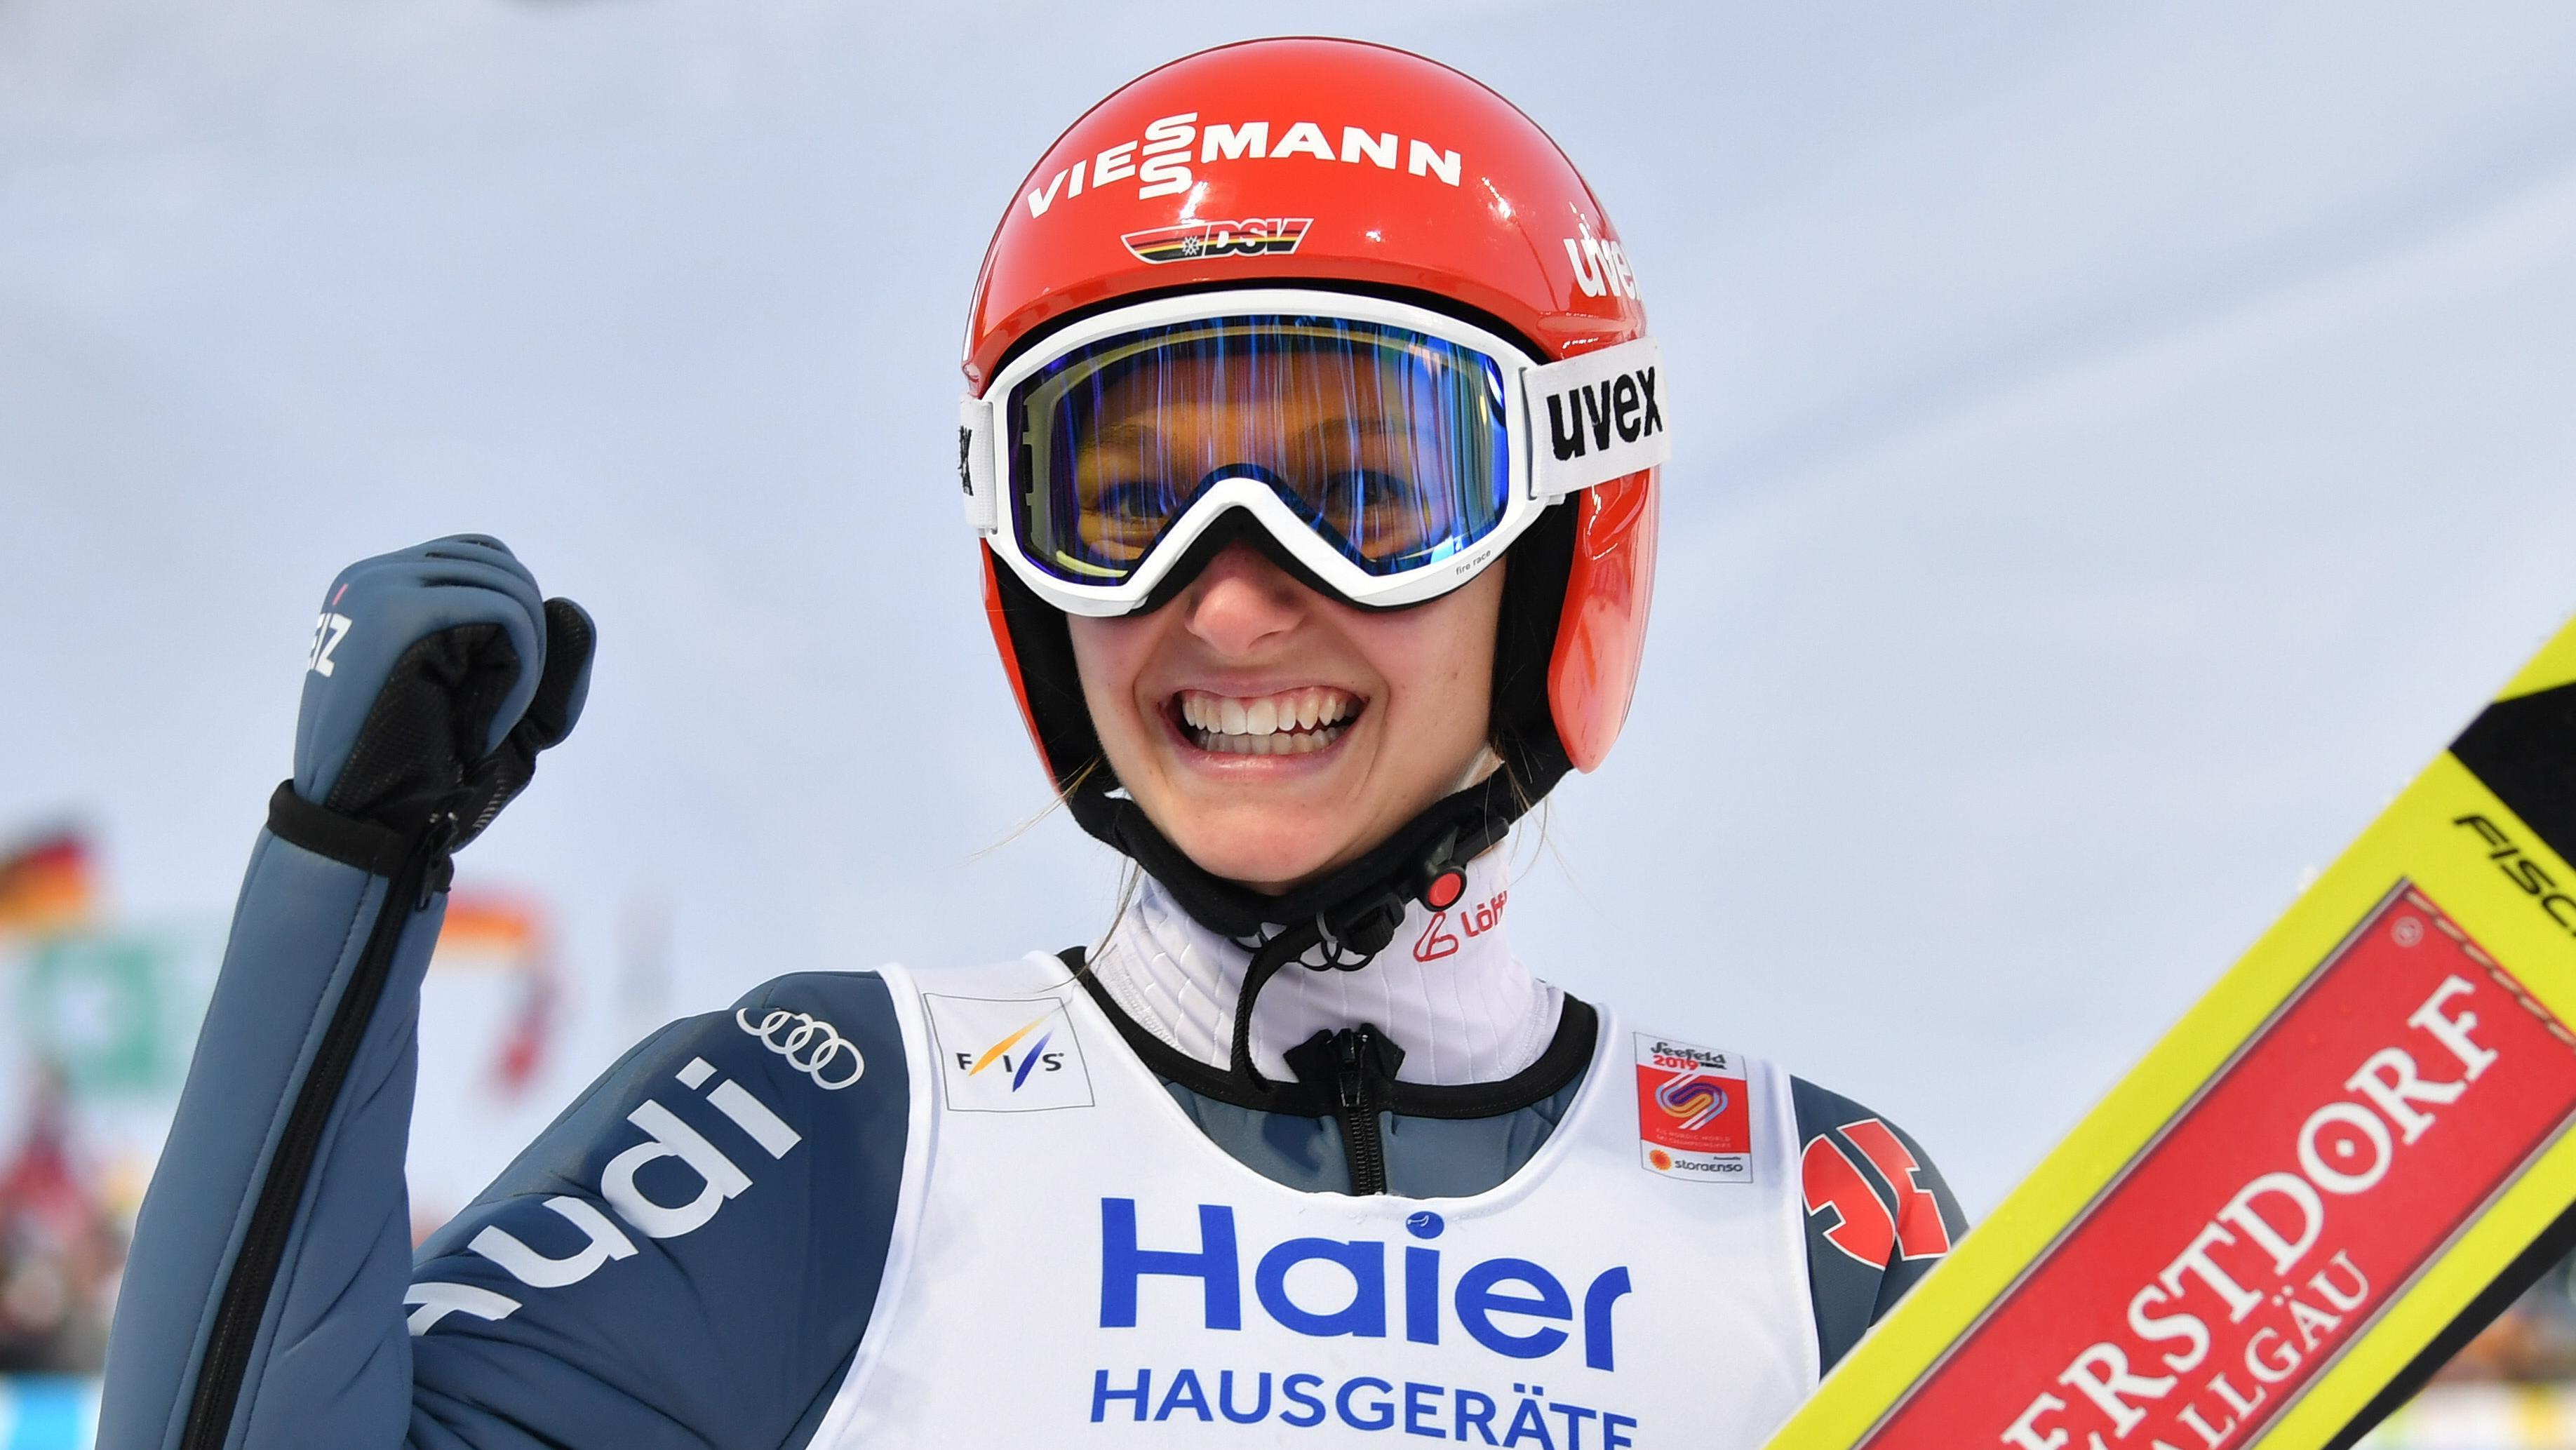 Die Oberstdorfer Skispringerin Katharina Althaus kehrt erfolgreich von der Ski-WM in Seefeld zurück.